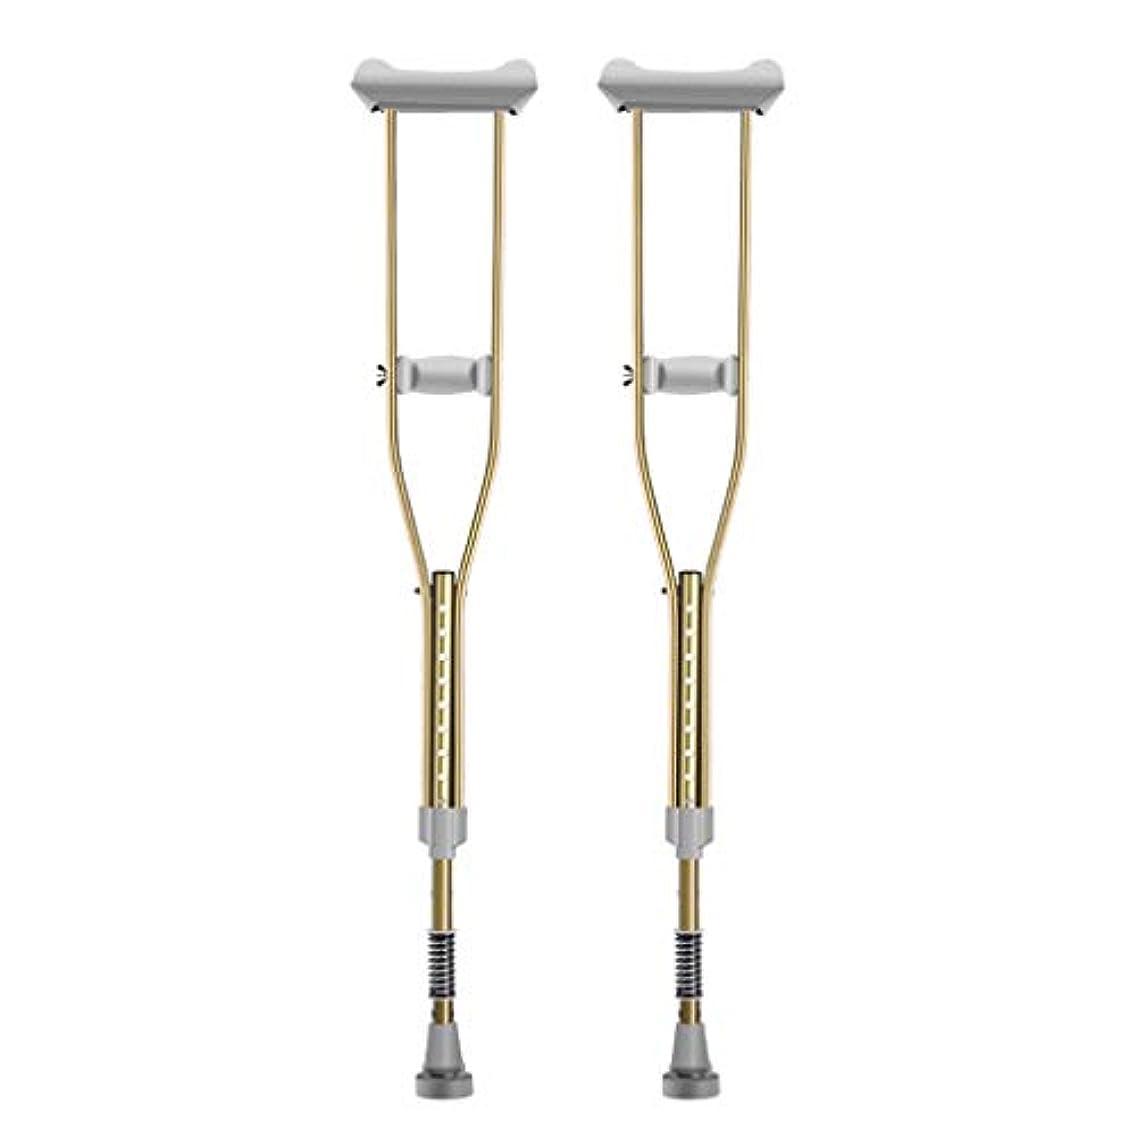 すべきご飯検査松葉杖、脇の下調整可能なアルミ松葉杖、老人ダブル松葉杖、アンチスキッドウォーカー松葉杖